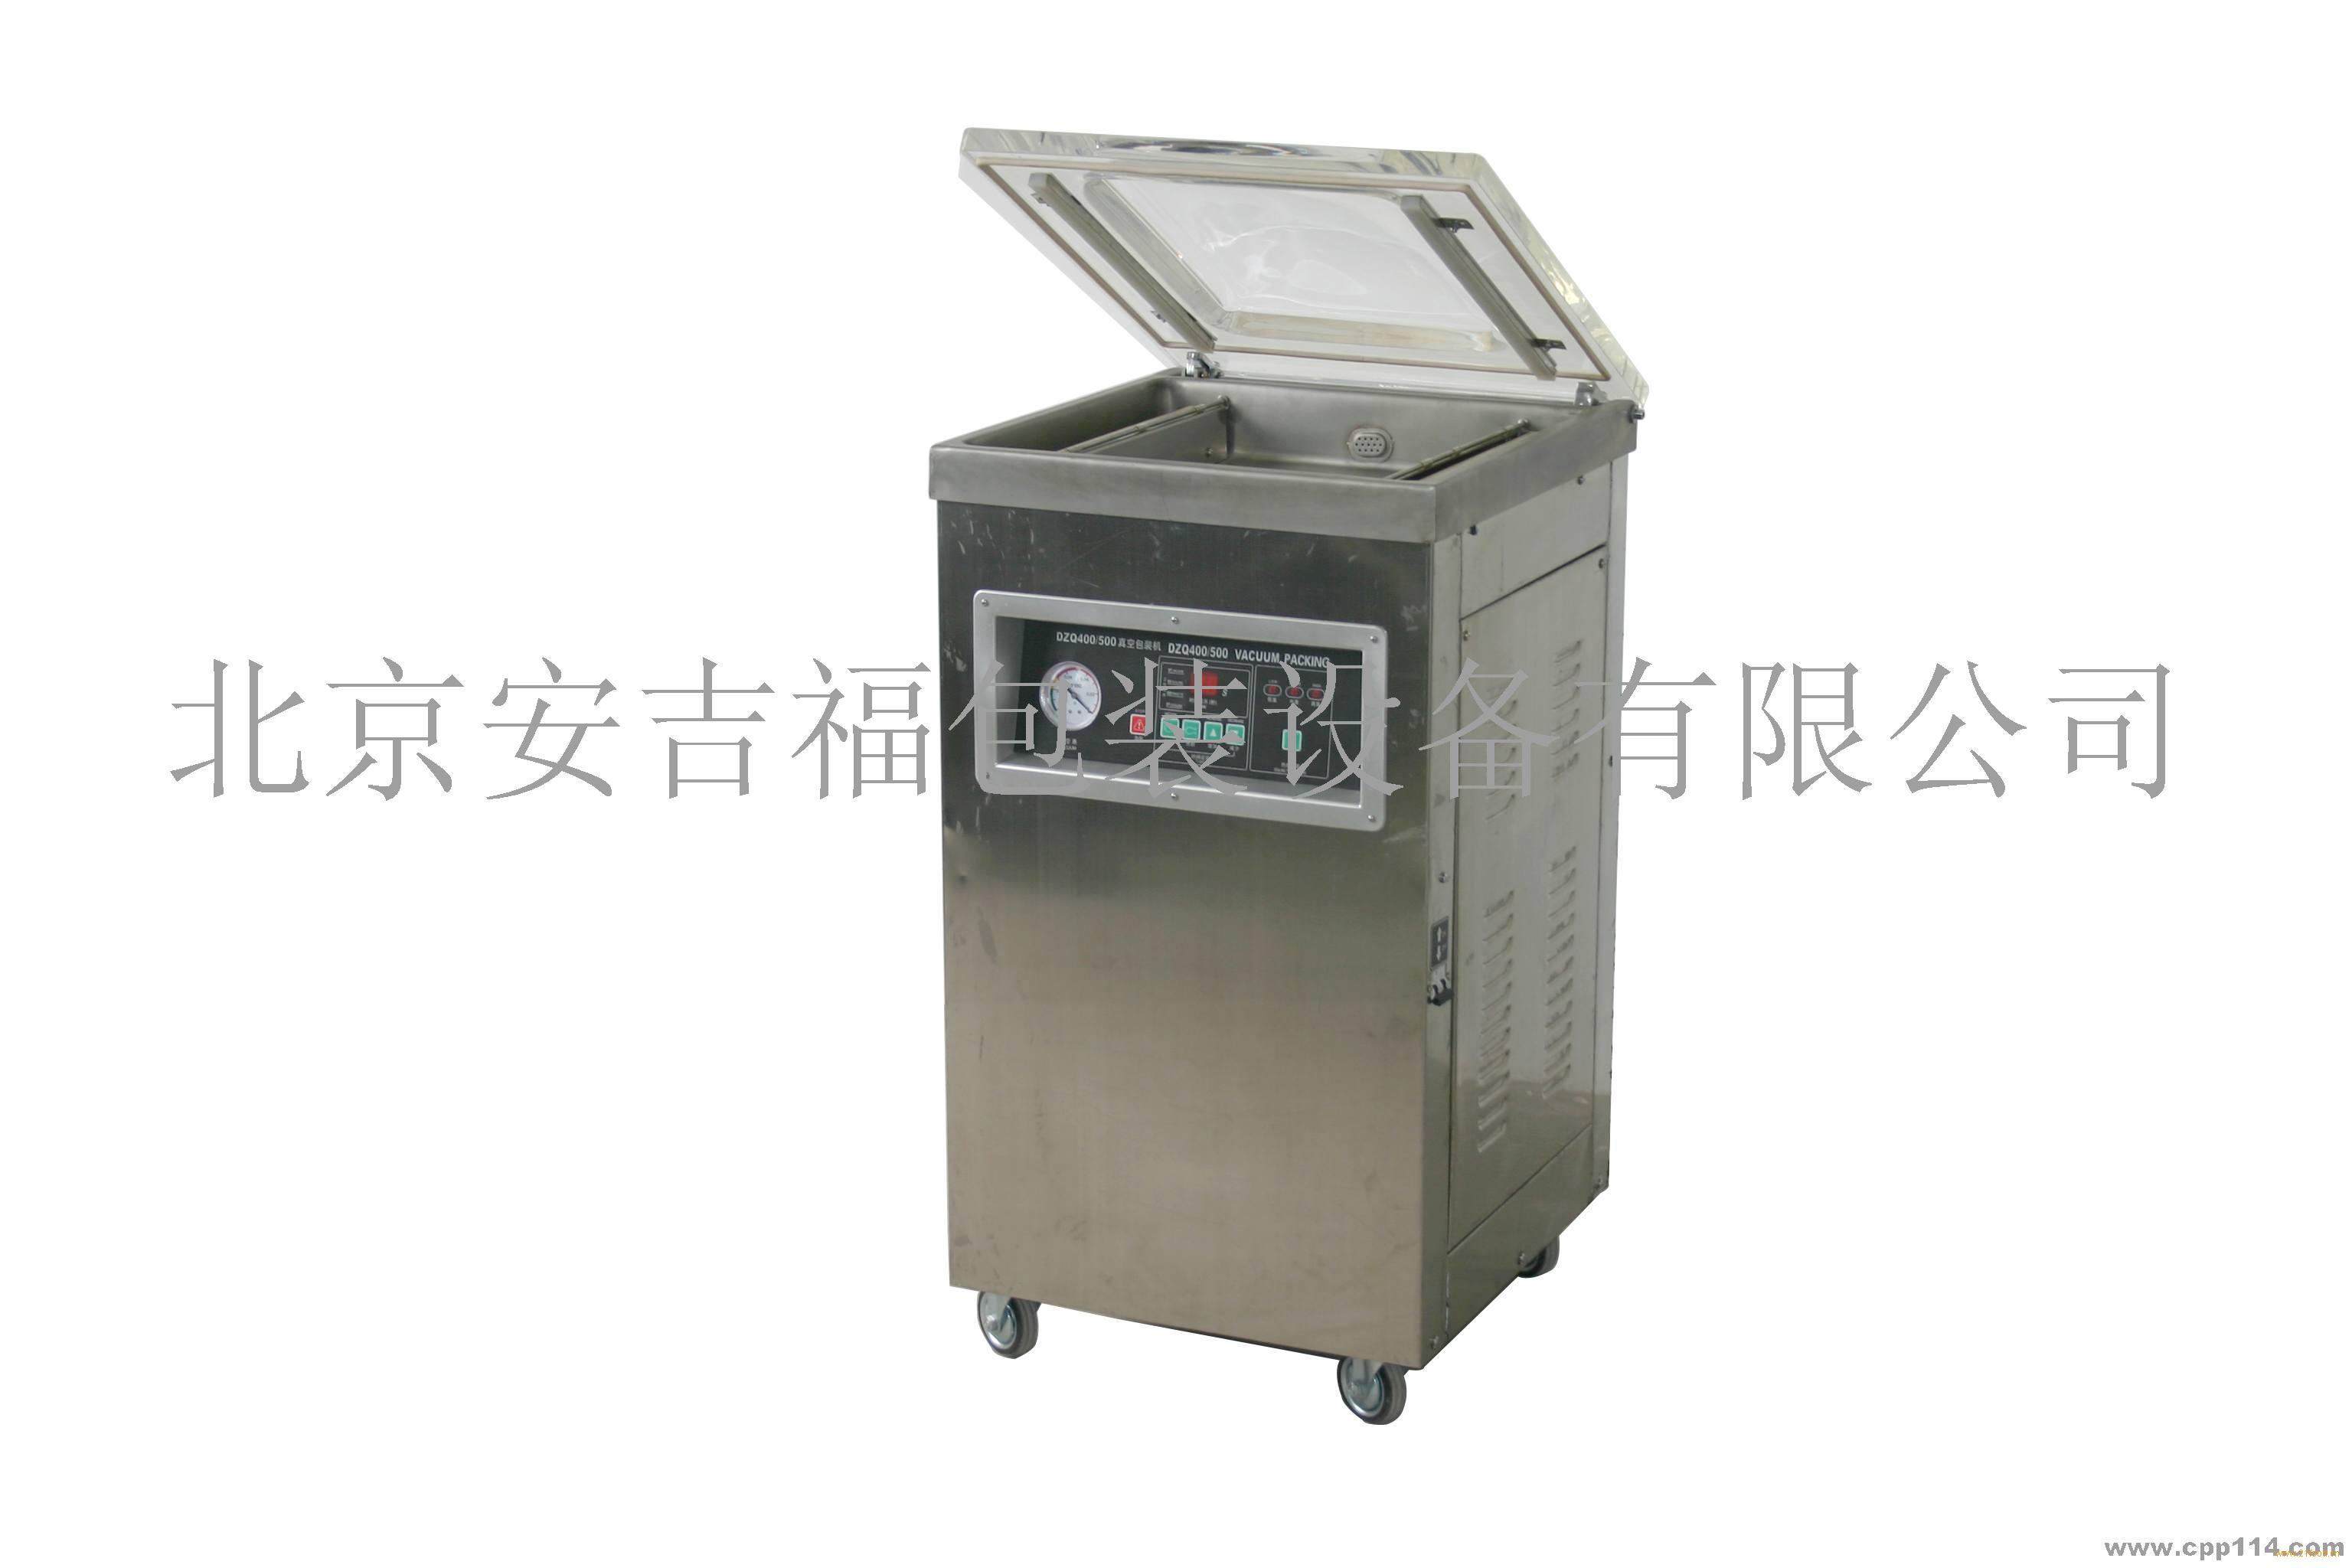 北京维修真空包装机,维修连续封口机